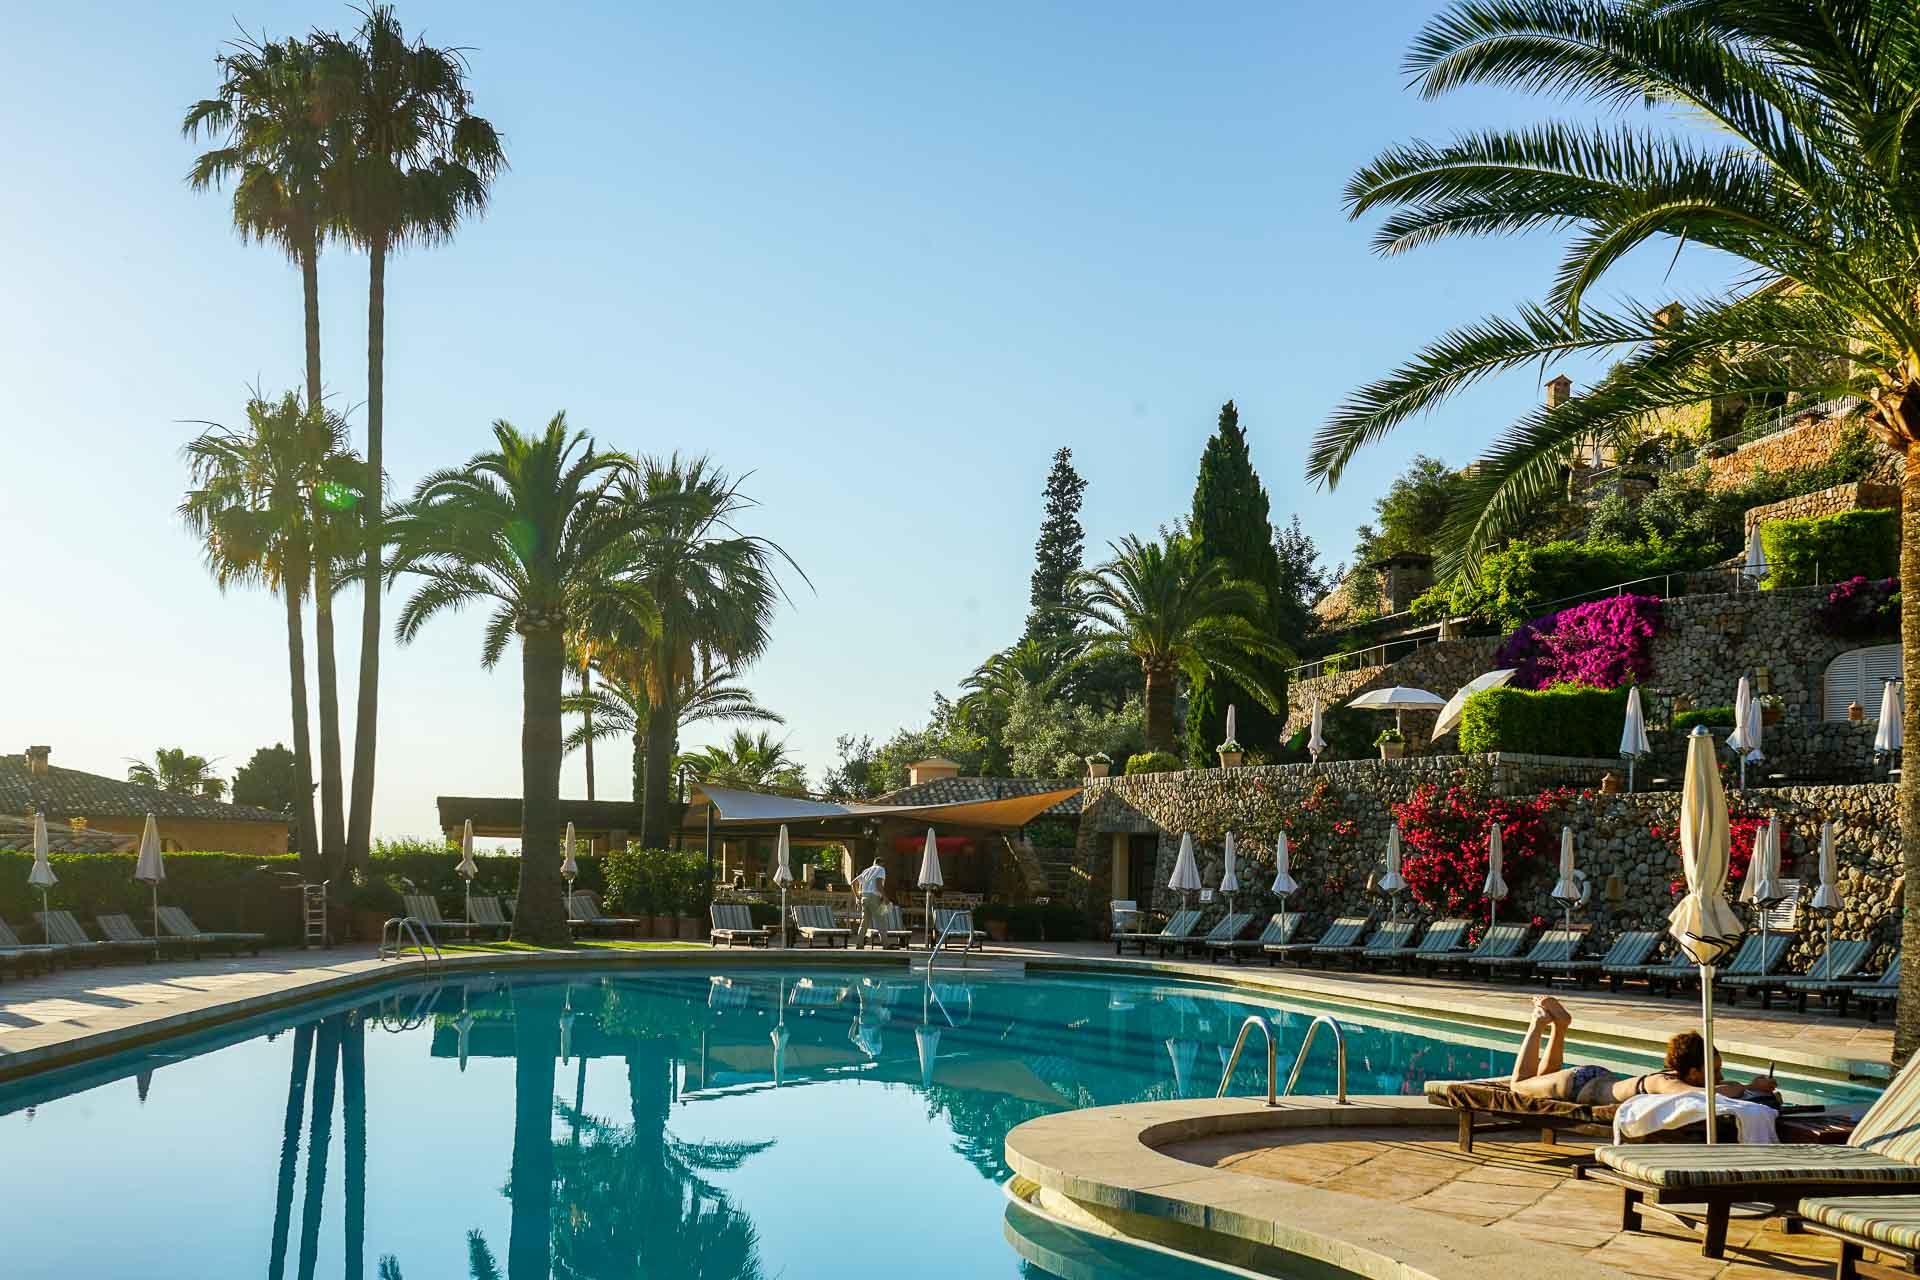 Et si vous partiez en weekend à Majorque ? Le Belmond La Residencia, hôtel de luxe parmi les plus beaux de toute la Méditerranée, est la destination rêvée pour finir l'été en beauté. Décor idyllique et atmosphère relaxante à souhait dans le charmant village de Deià.